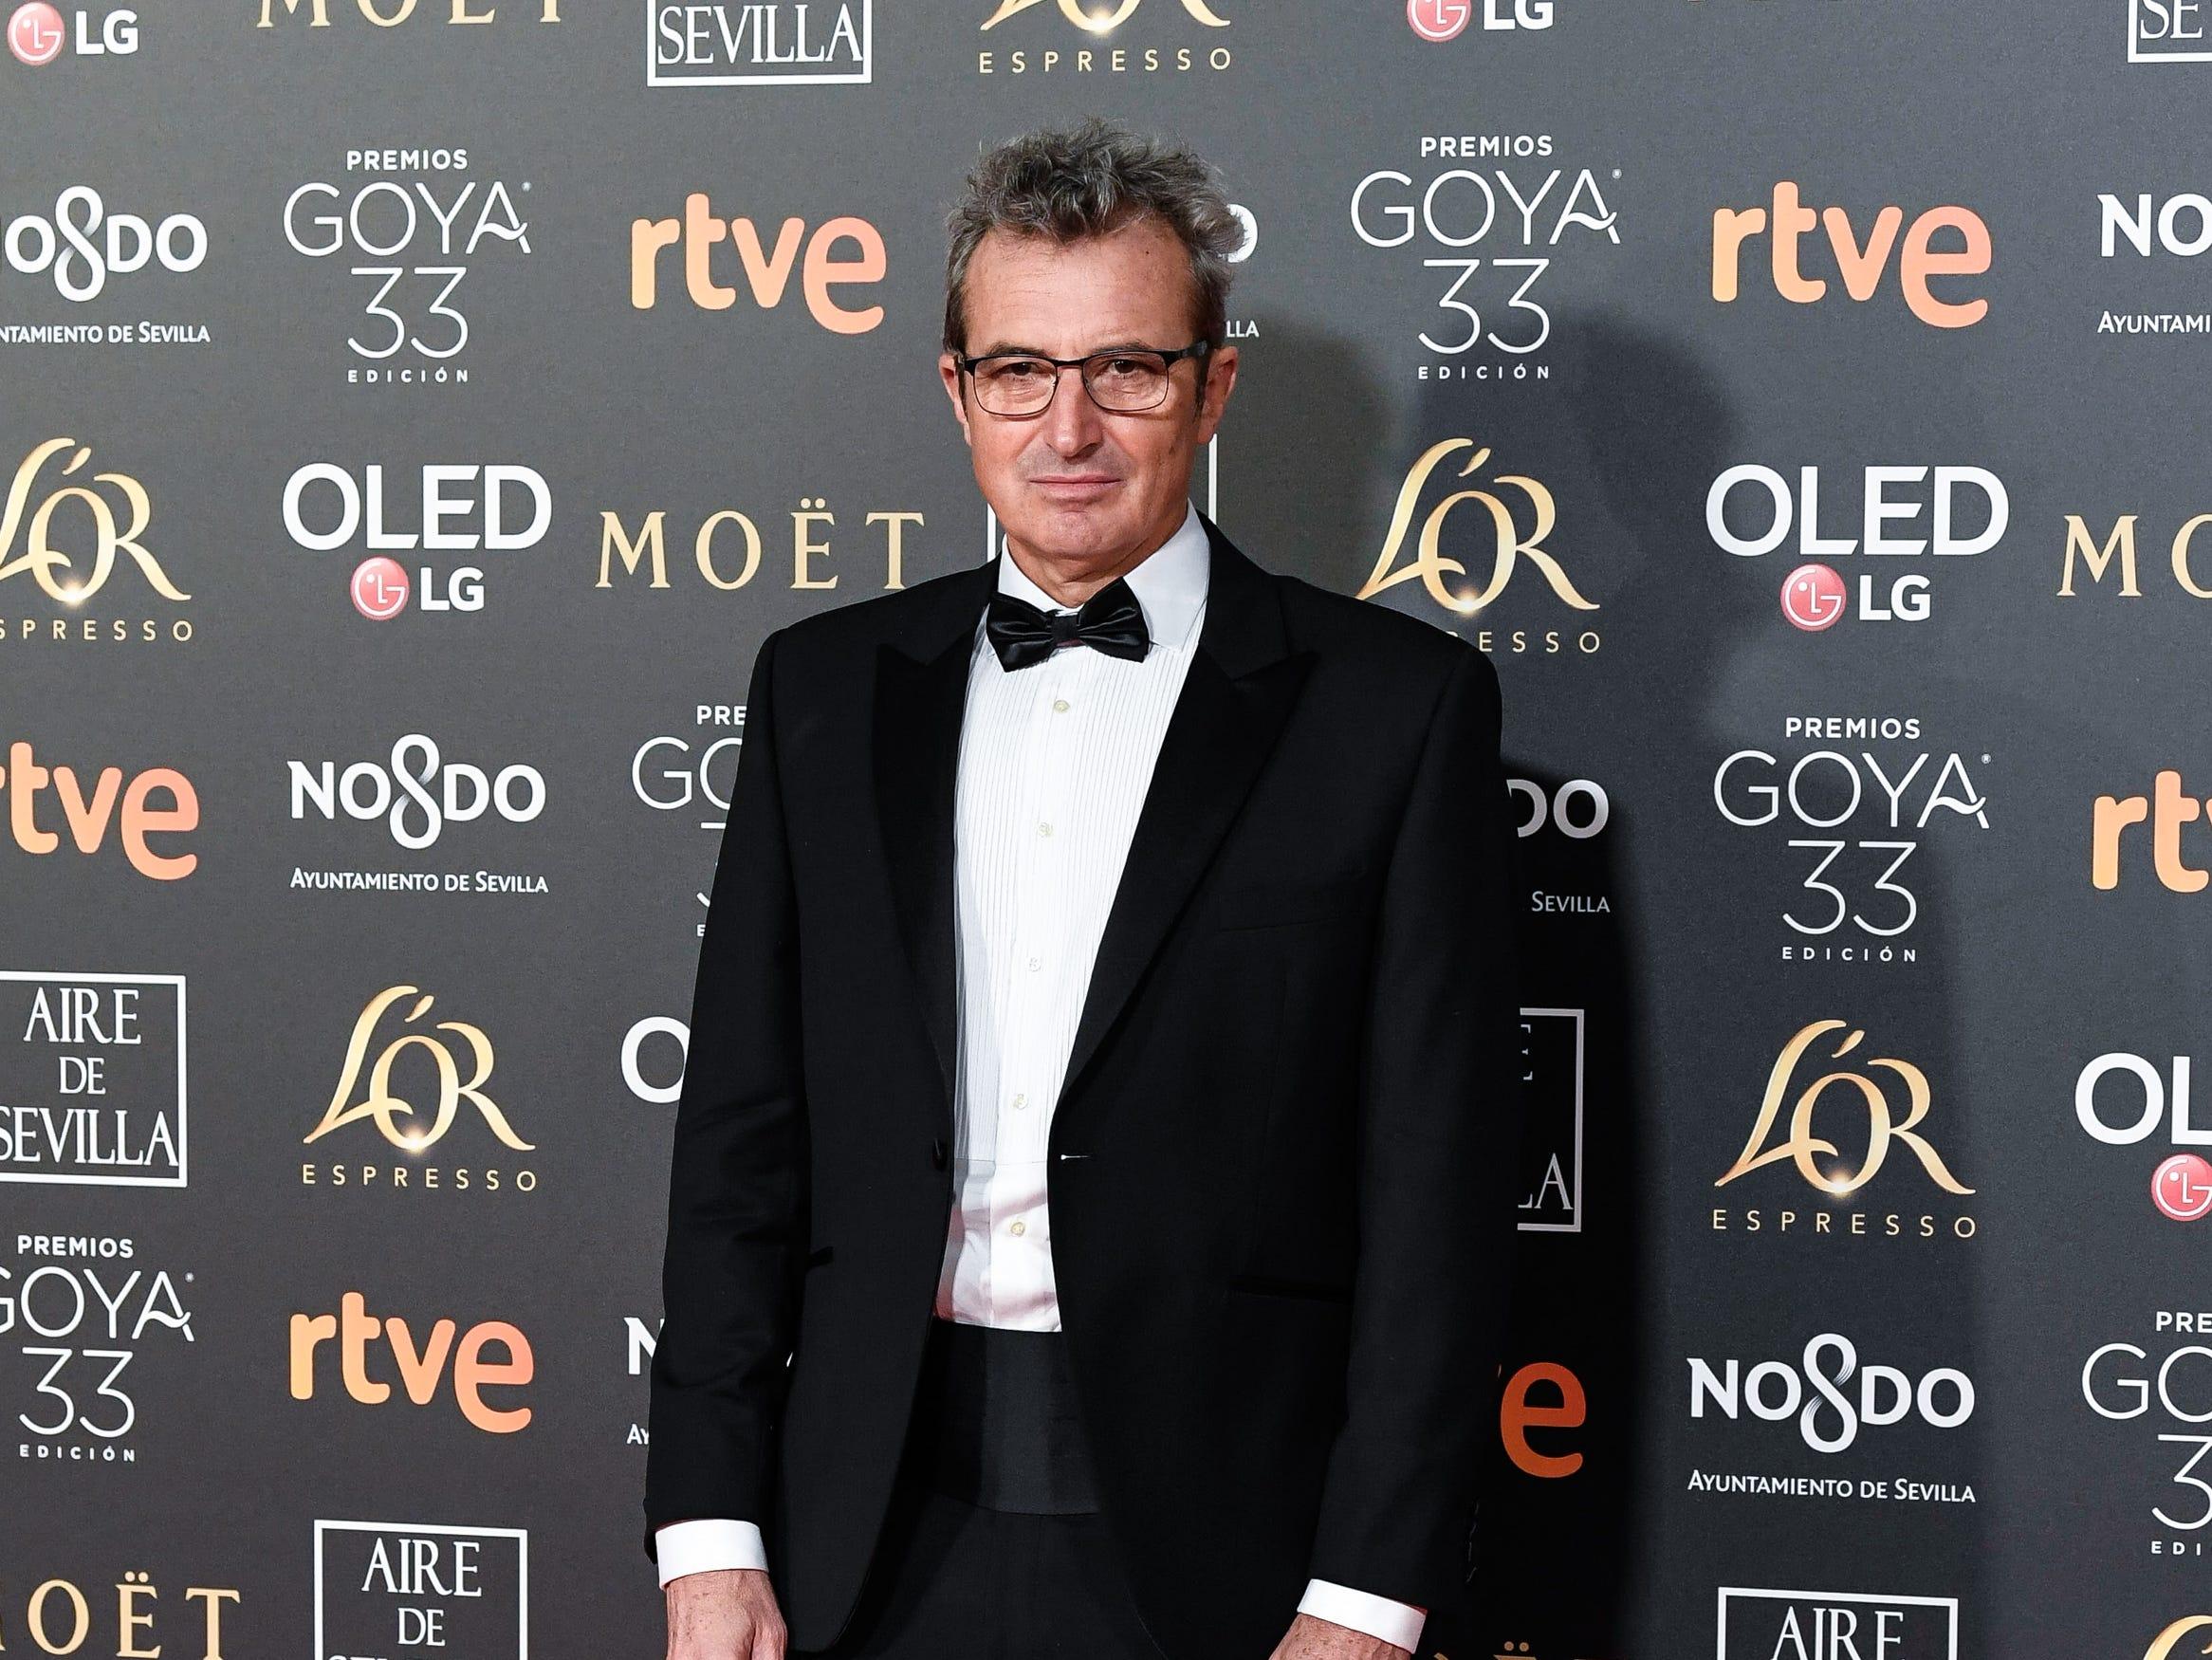 Mariano Barroso asiste a la 33ª edición de los Premios de Cine Goya en el Palacio de Congresos y Exposiciones FIBES el 2 de febrero de 2019 en Sevilla, España.